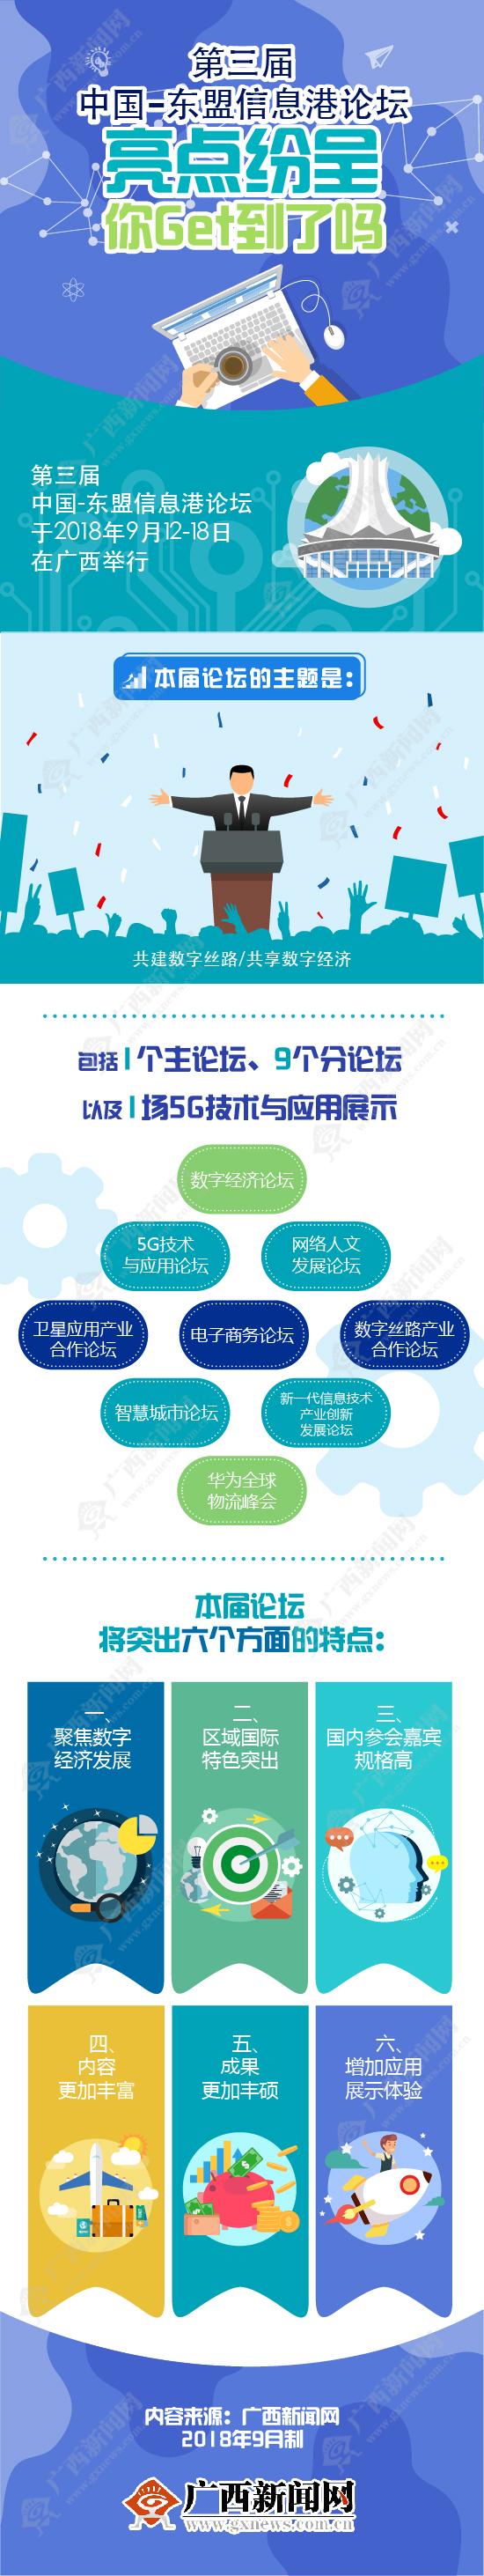 图解丨第三届中国-东盟信息港论坛亮点纷呈 你get到了吗?